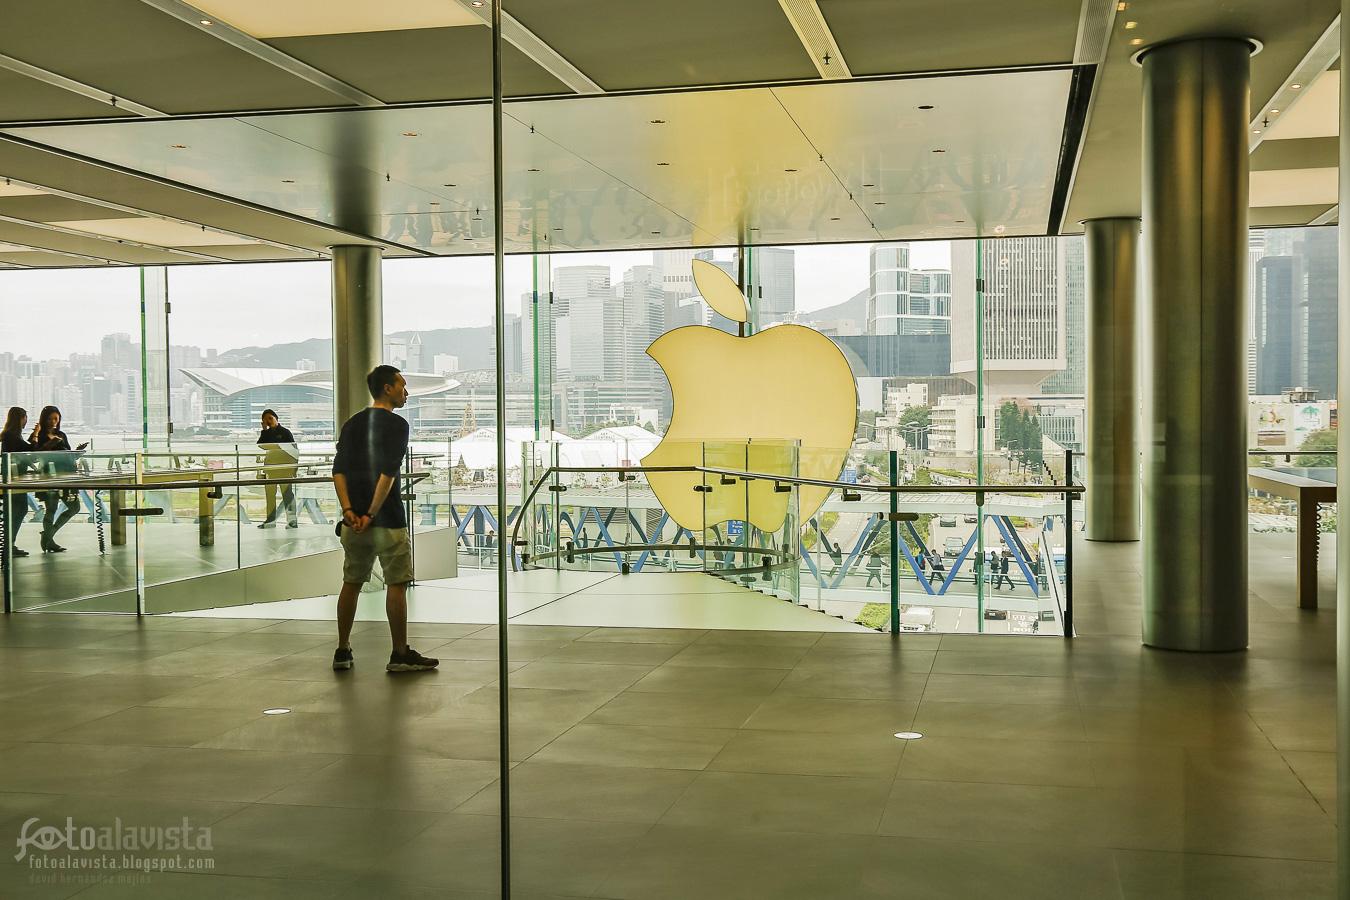 Frente a la gran manzana - Fotografía artística